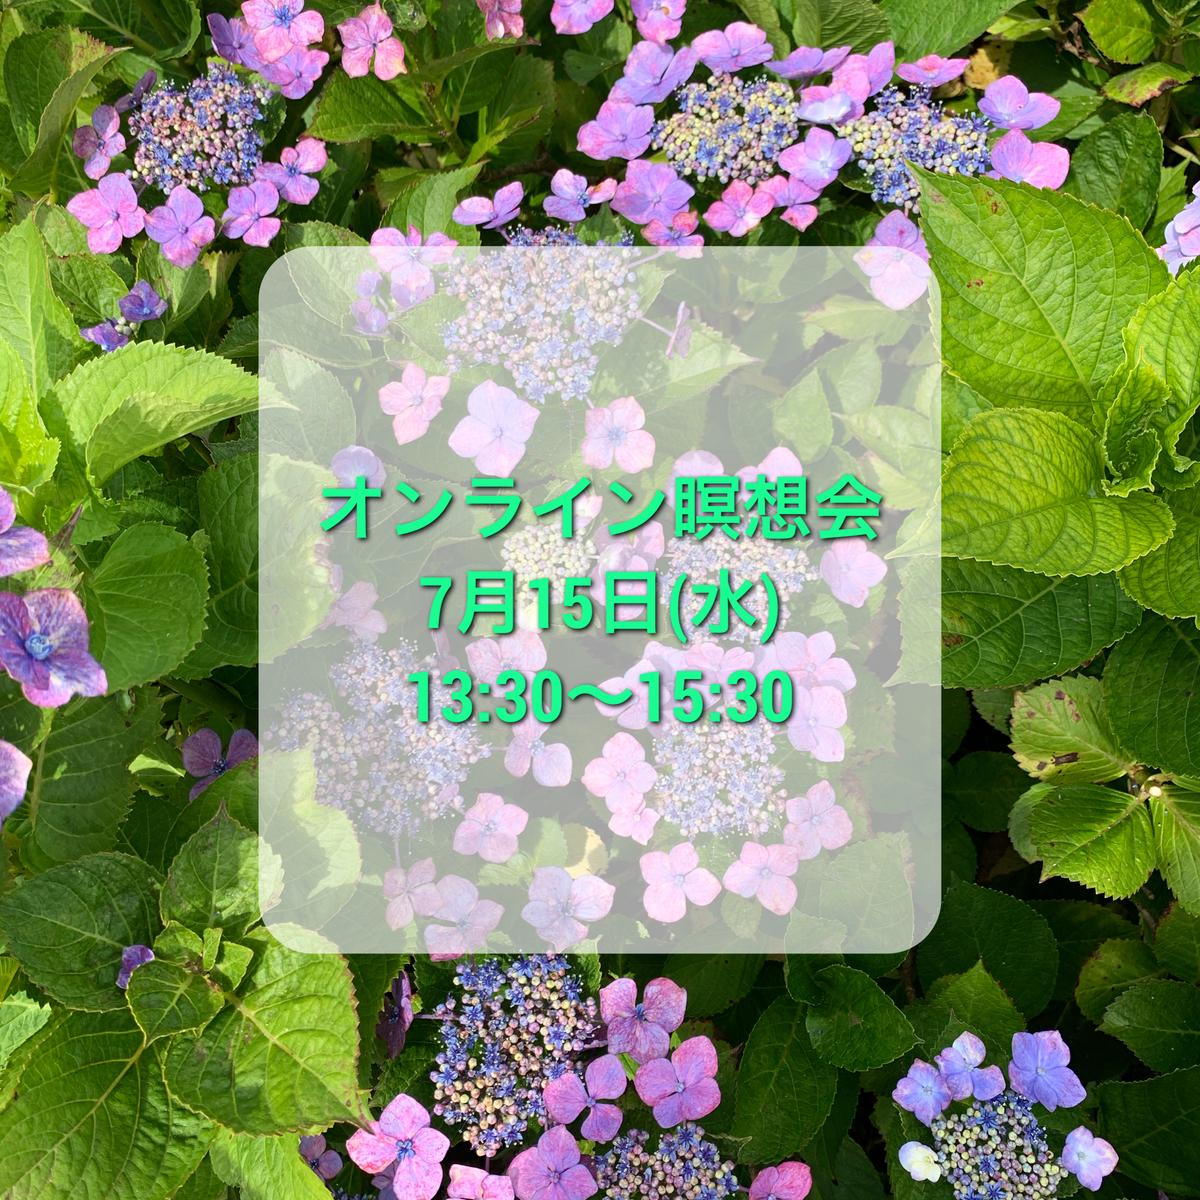 f:id:h-nakaima:20200626161729j:plain